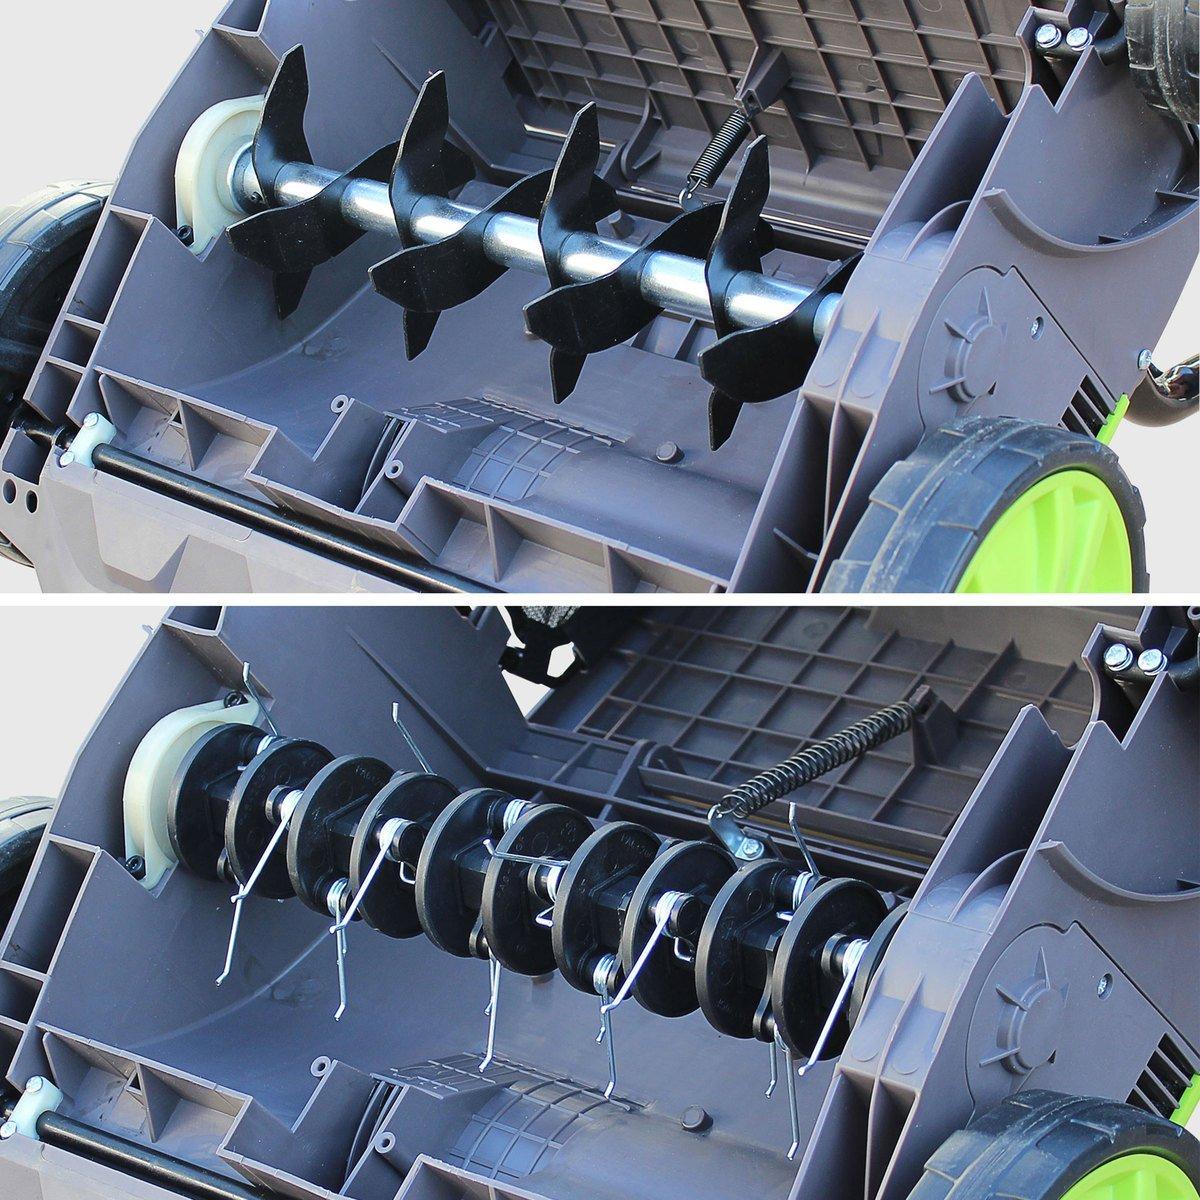 Scarificateur électrique 2 en 1 VOLTR : fiche-conseil - Débroussaillez